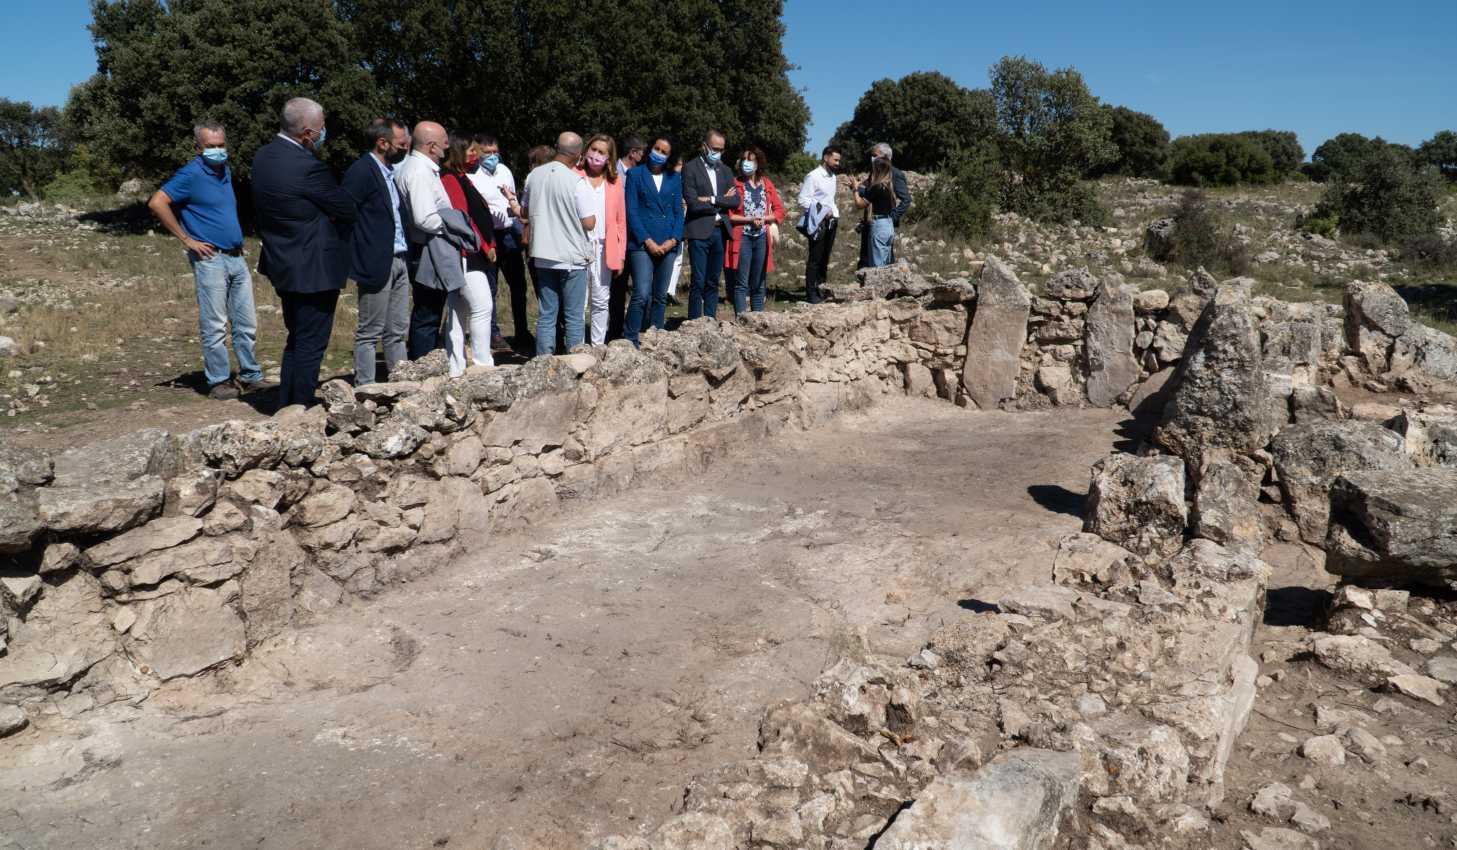 Una mezquita del siglo XI ha sido descubierta en la localidad albaceteña de Higueruela.